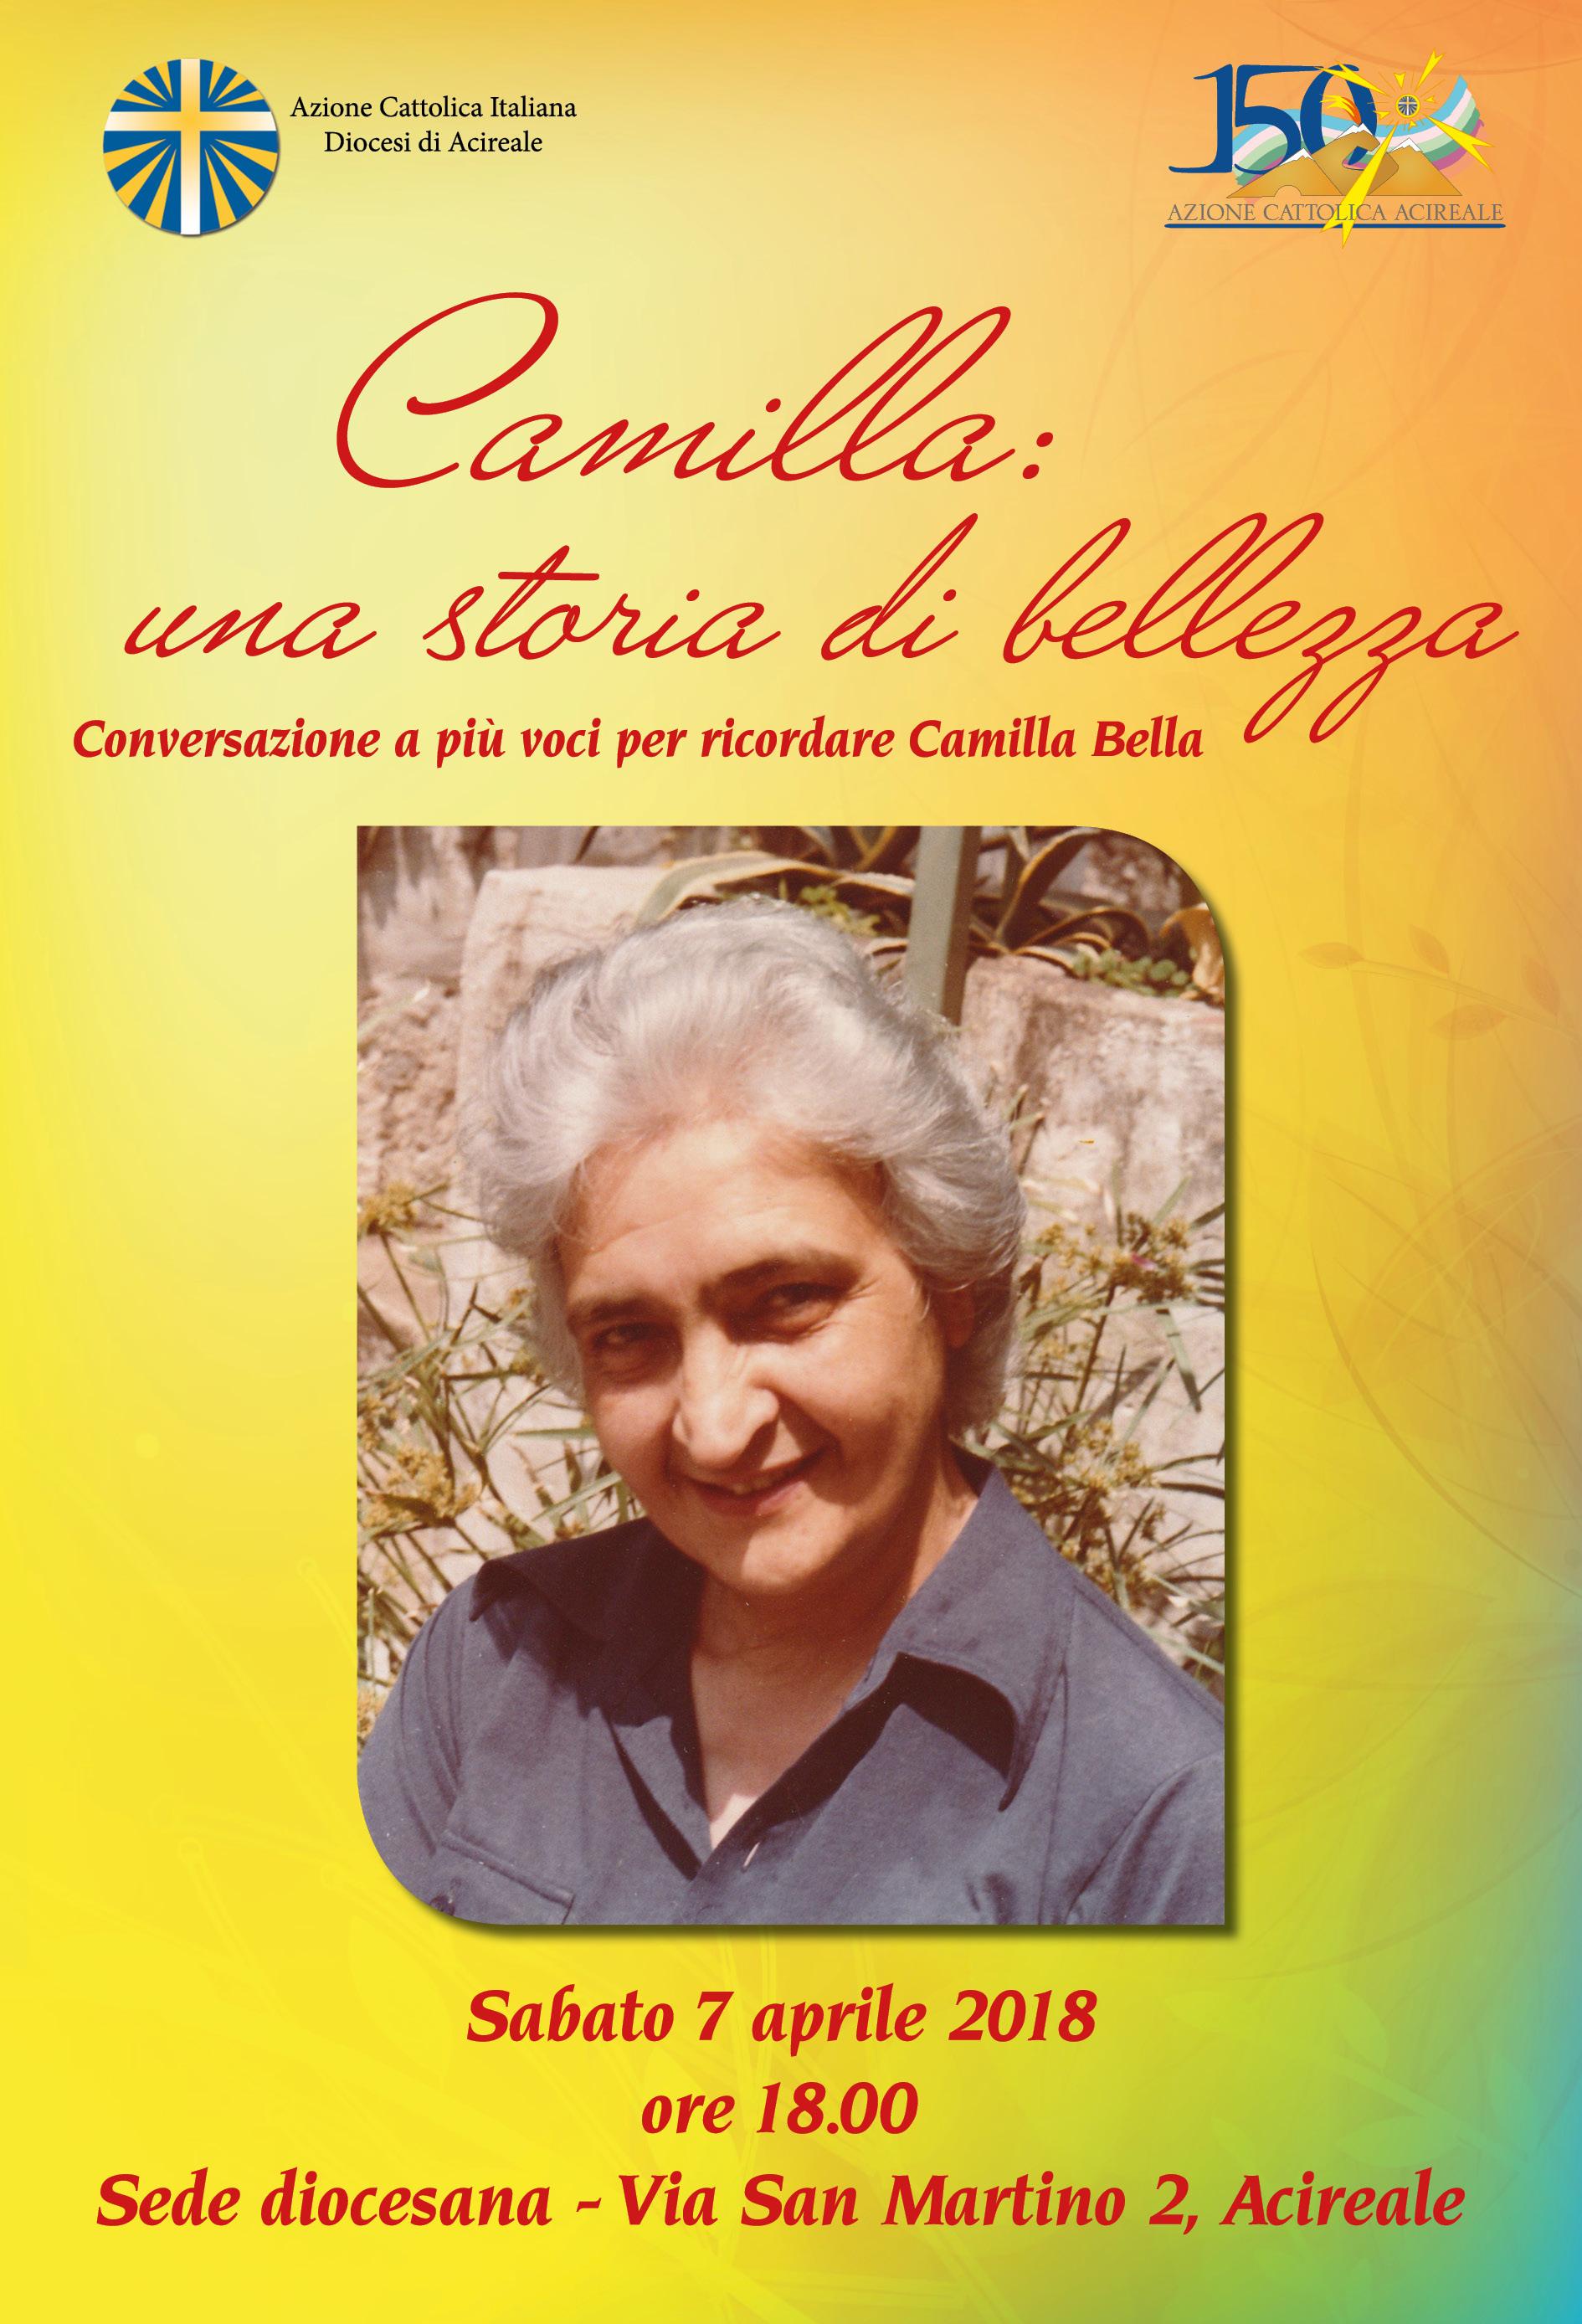 Camilla, una storia di bellezza